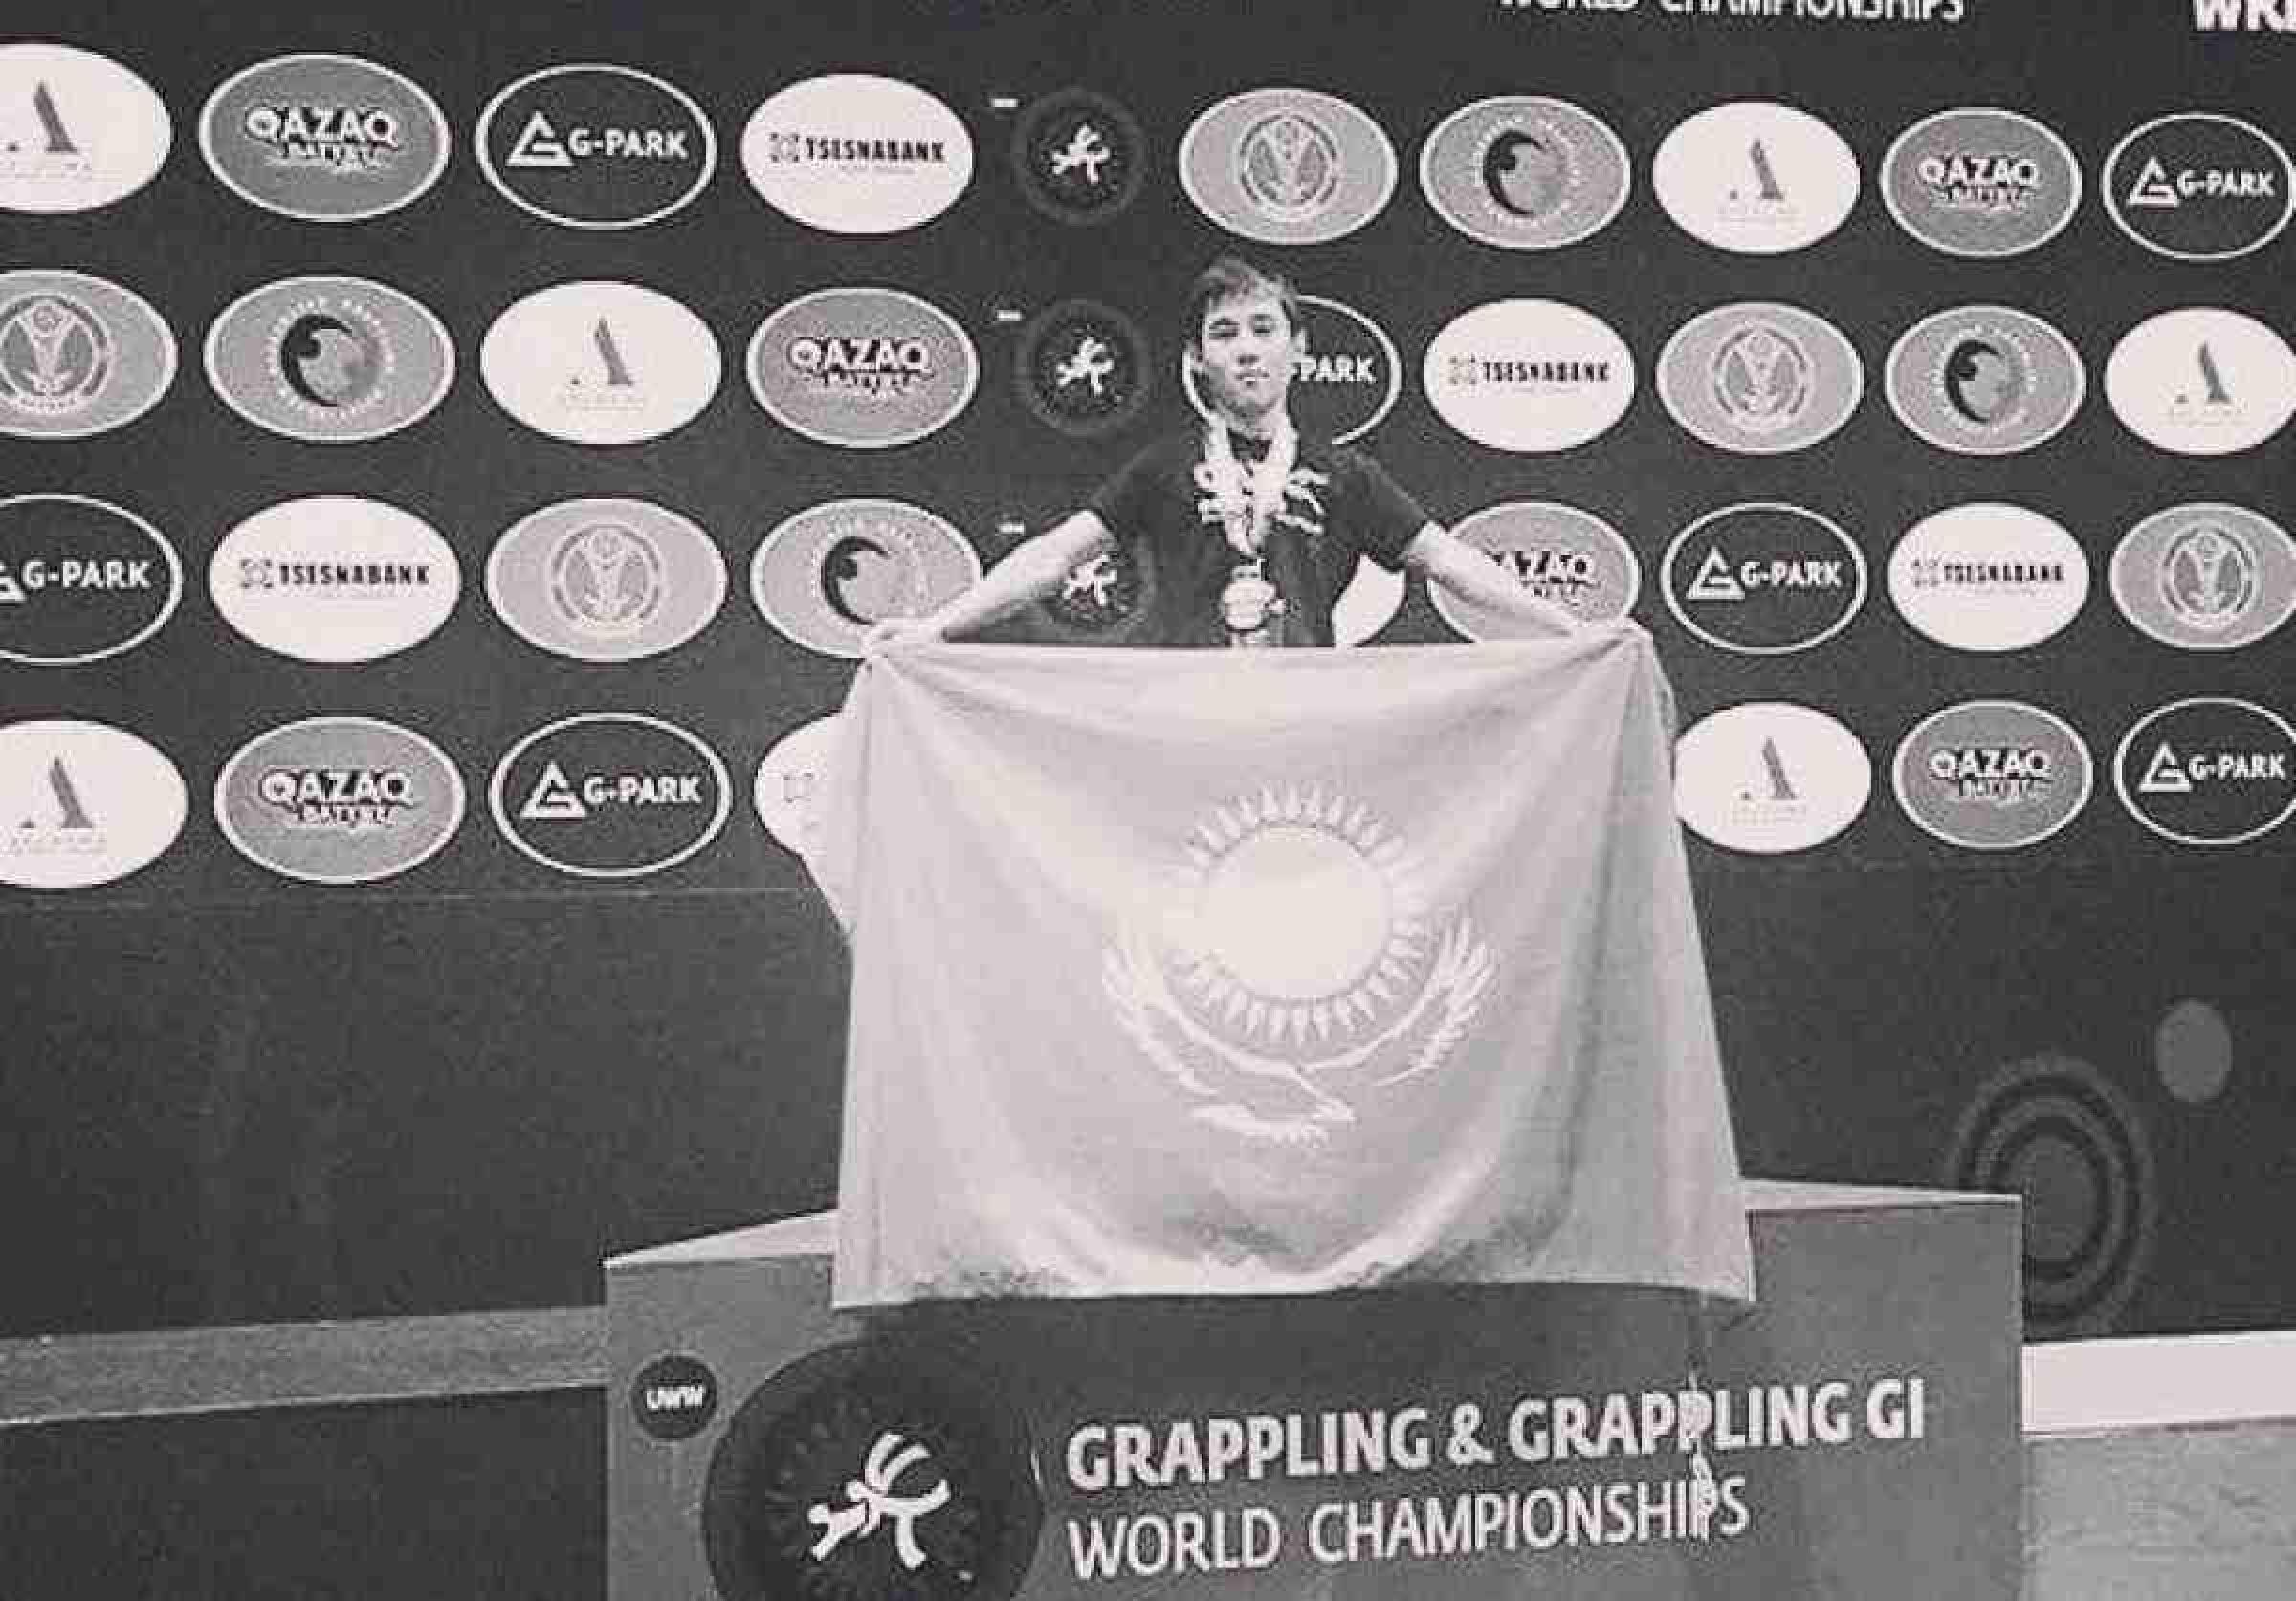 Убийство чемпиона Есенбека Сигуатова: что известно о трагедии